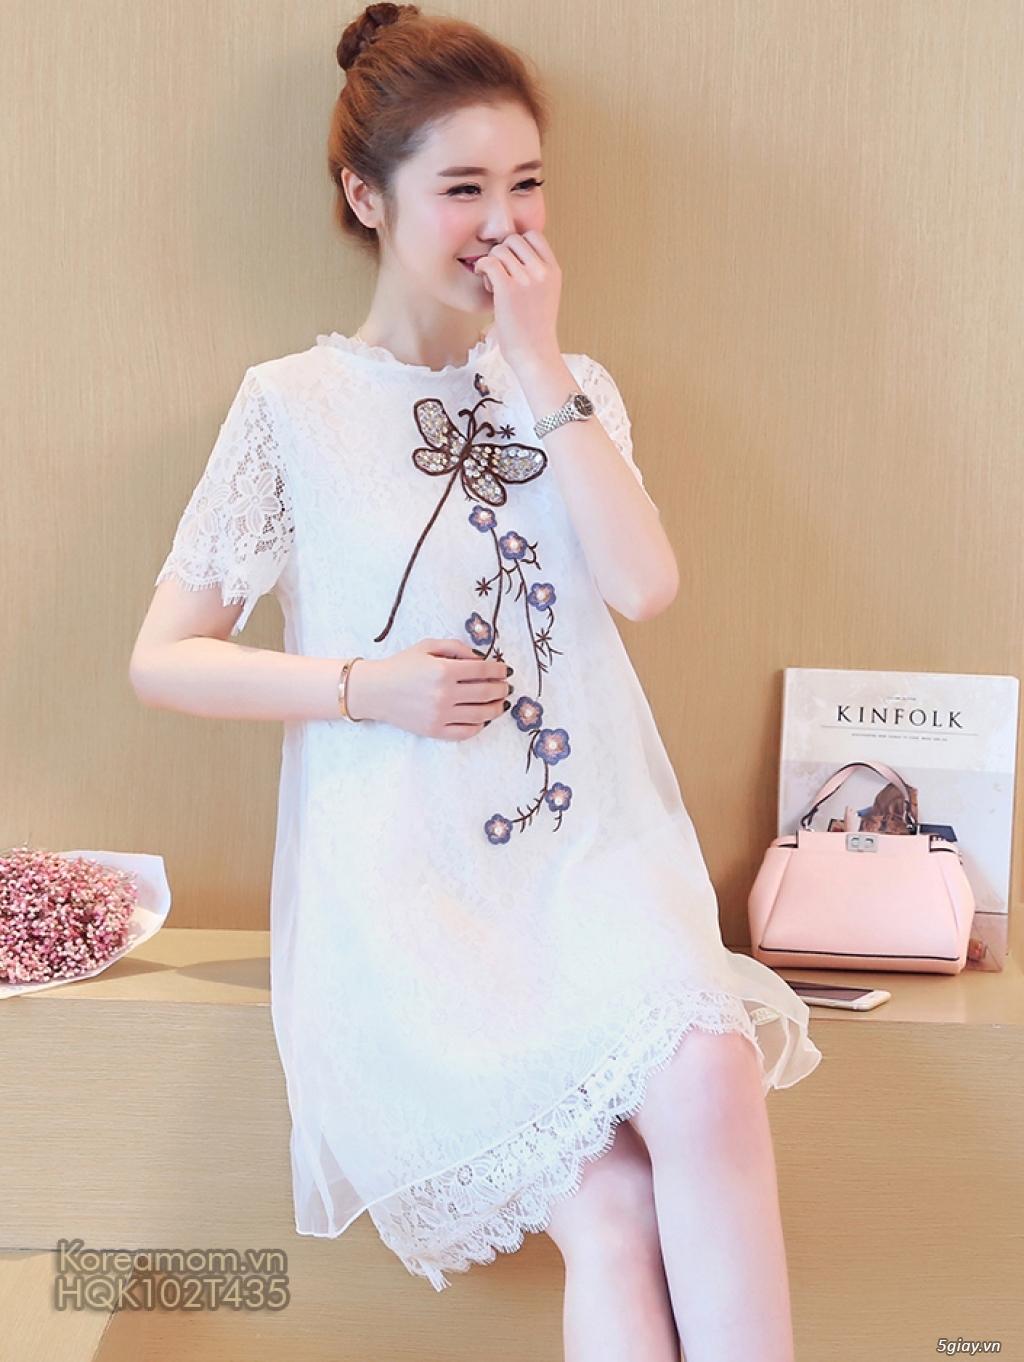 KoreaMom.vn - Đầm bầu thời trang ngoại nhập xinh lung linh - 5